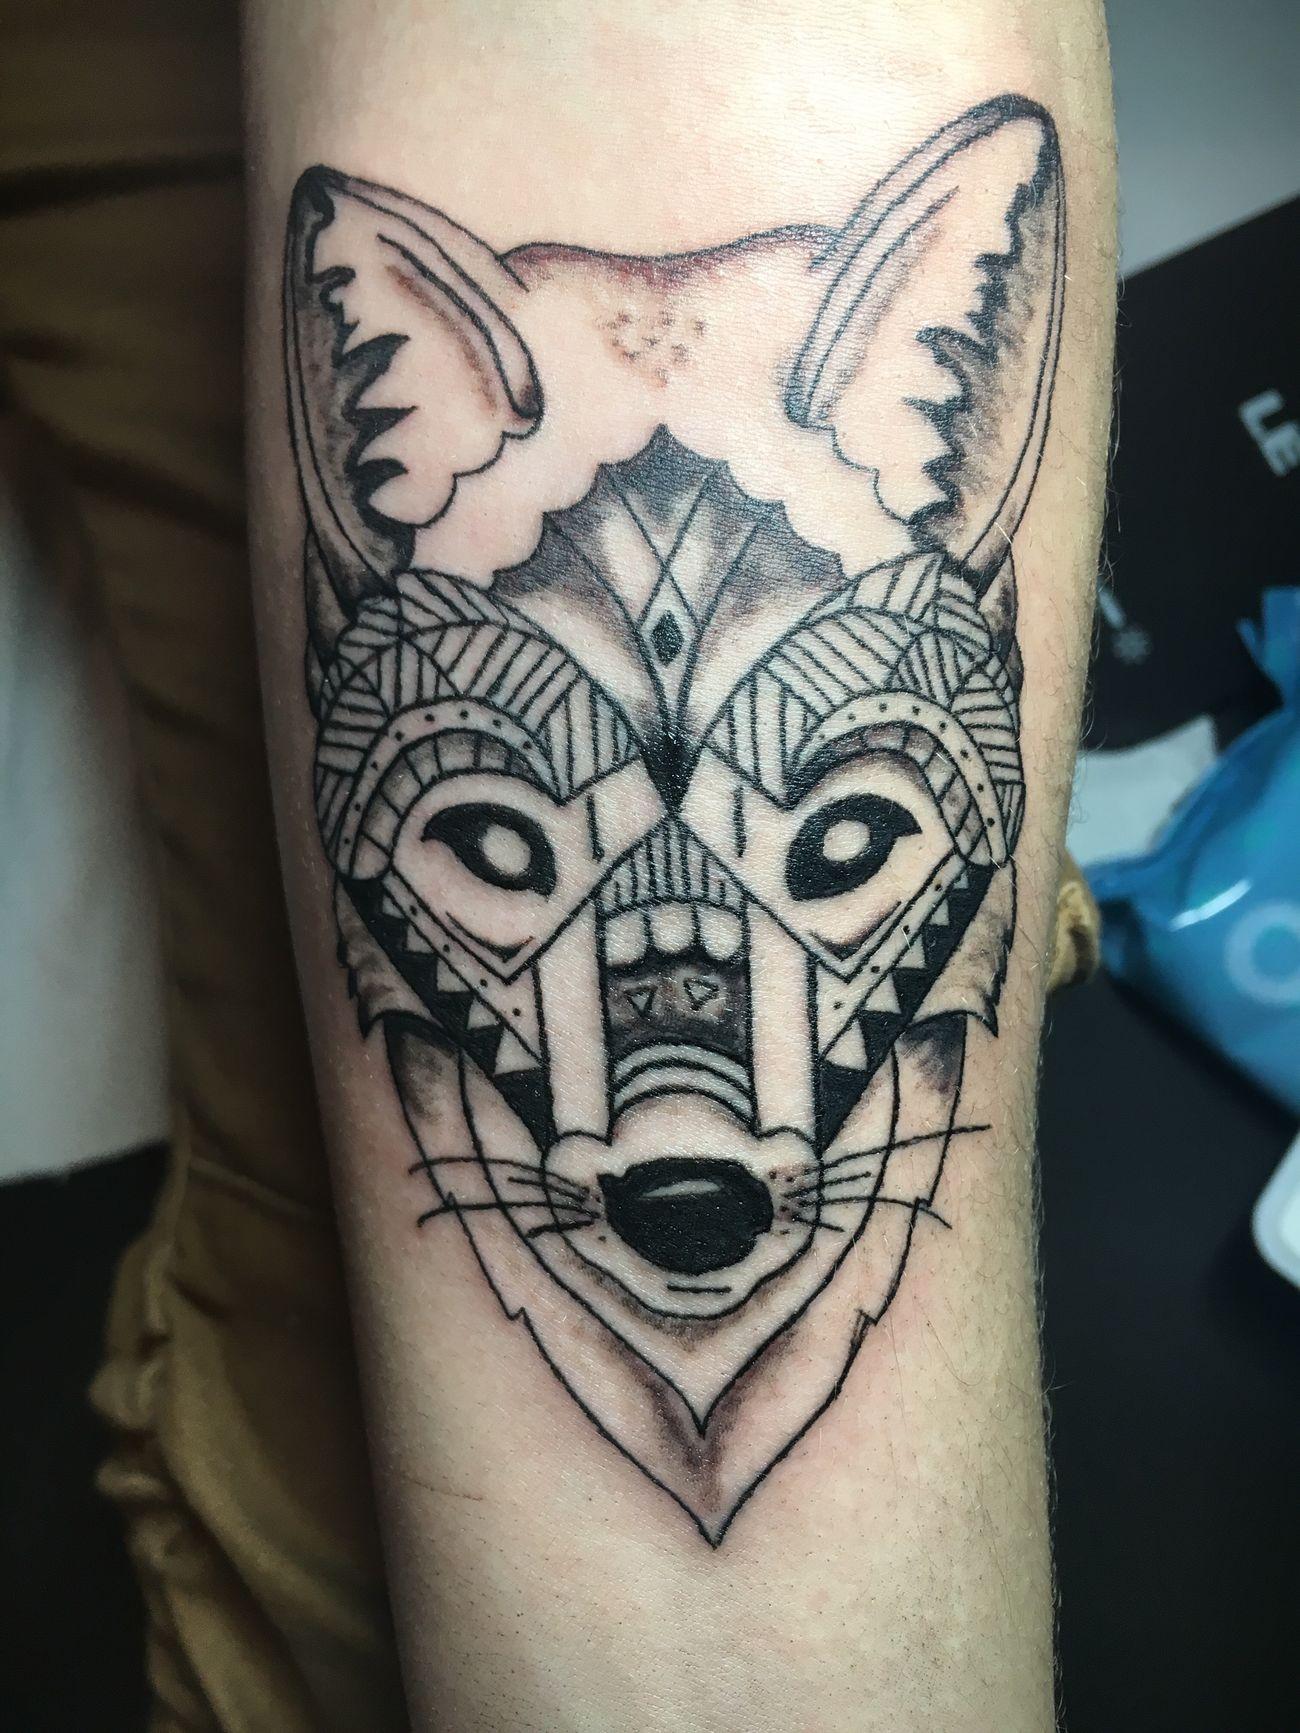 Tattoo Tattoos Tattooed Tattoo ❤ Renard Animal Themes